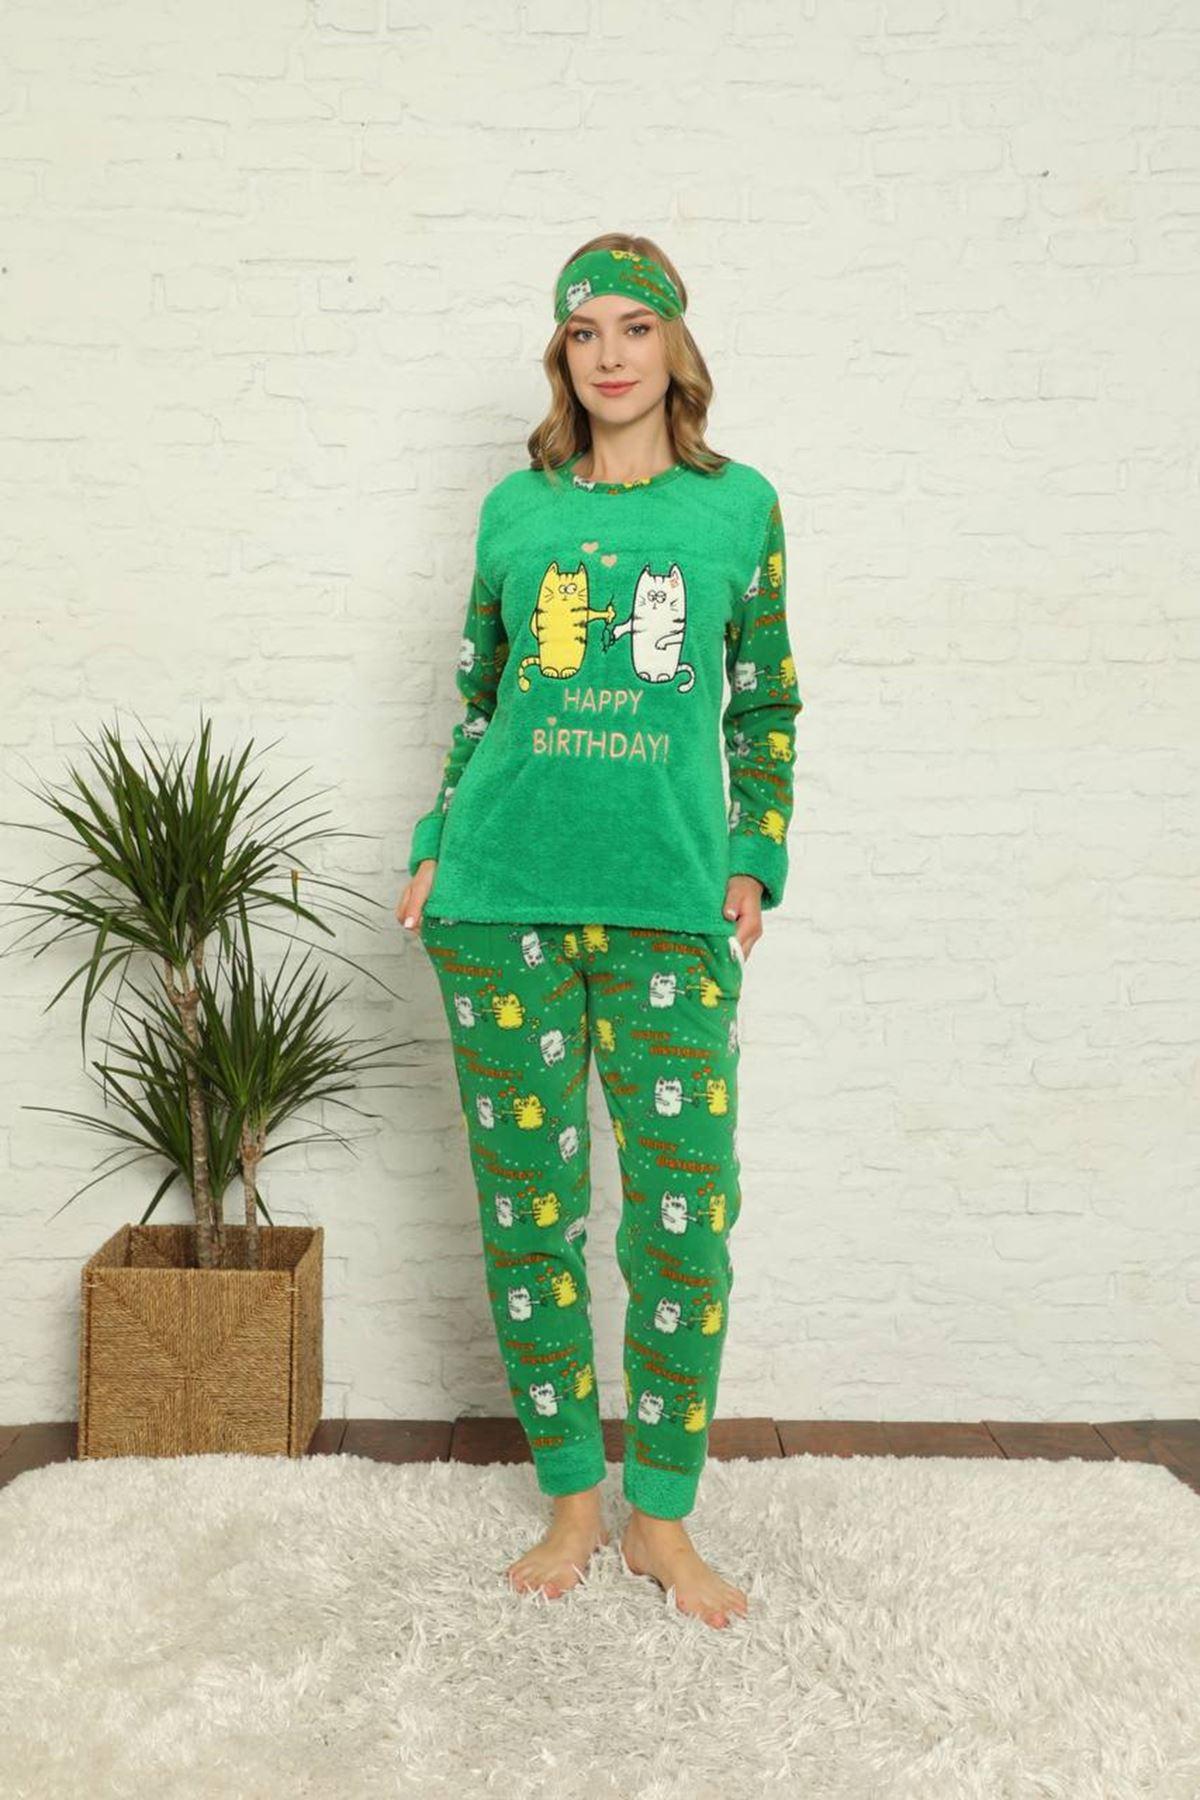 Kadın Desenli Yeşil Polar Pijama Takımı 14F-20022-1